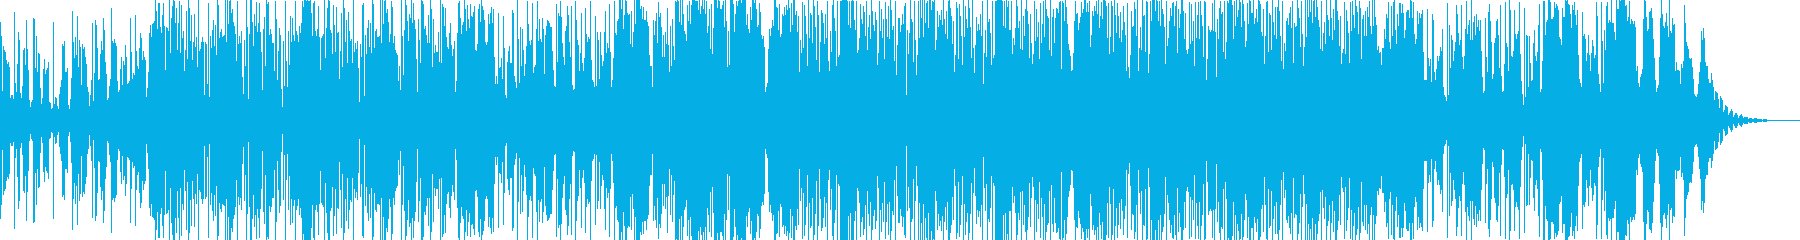 おしゃれな2stepの再生済みの波形